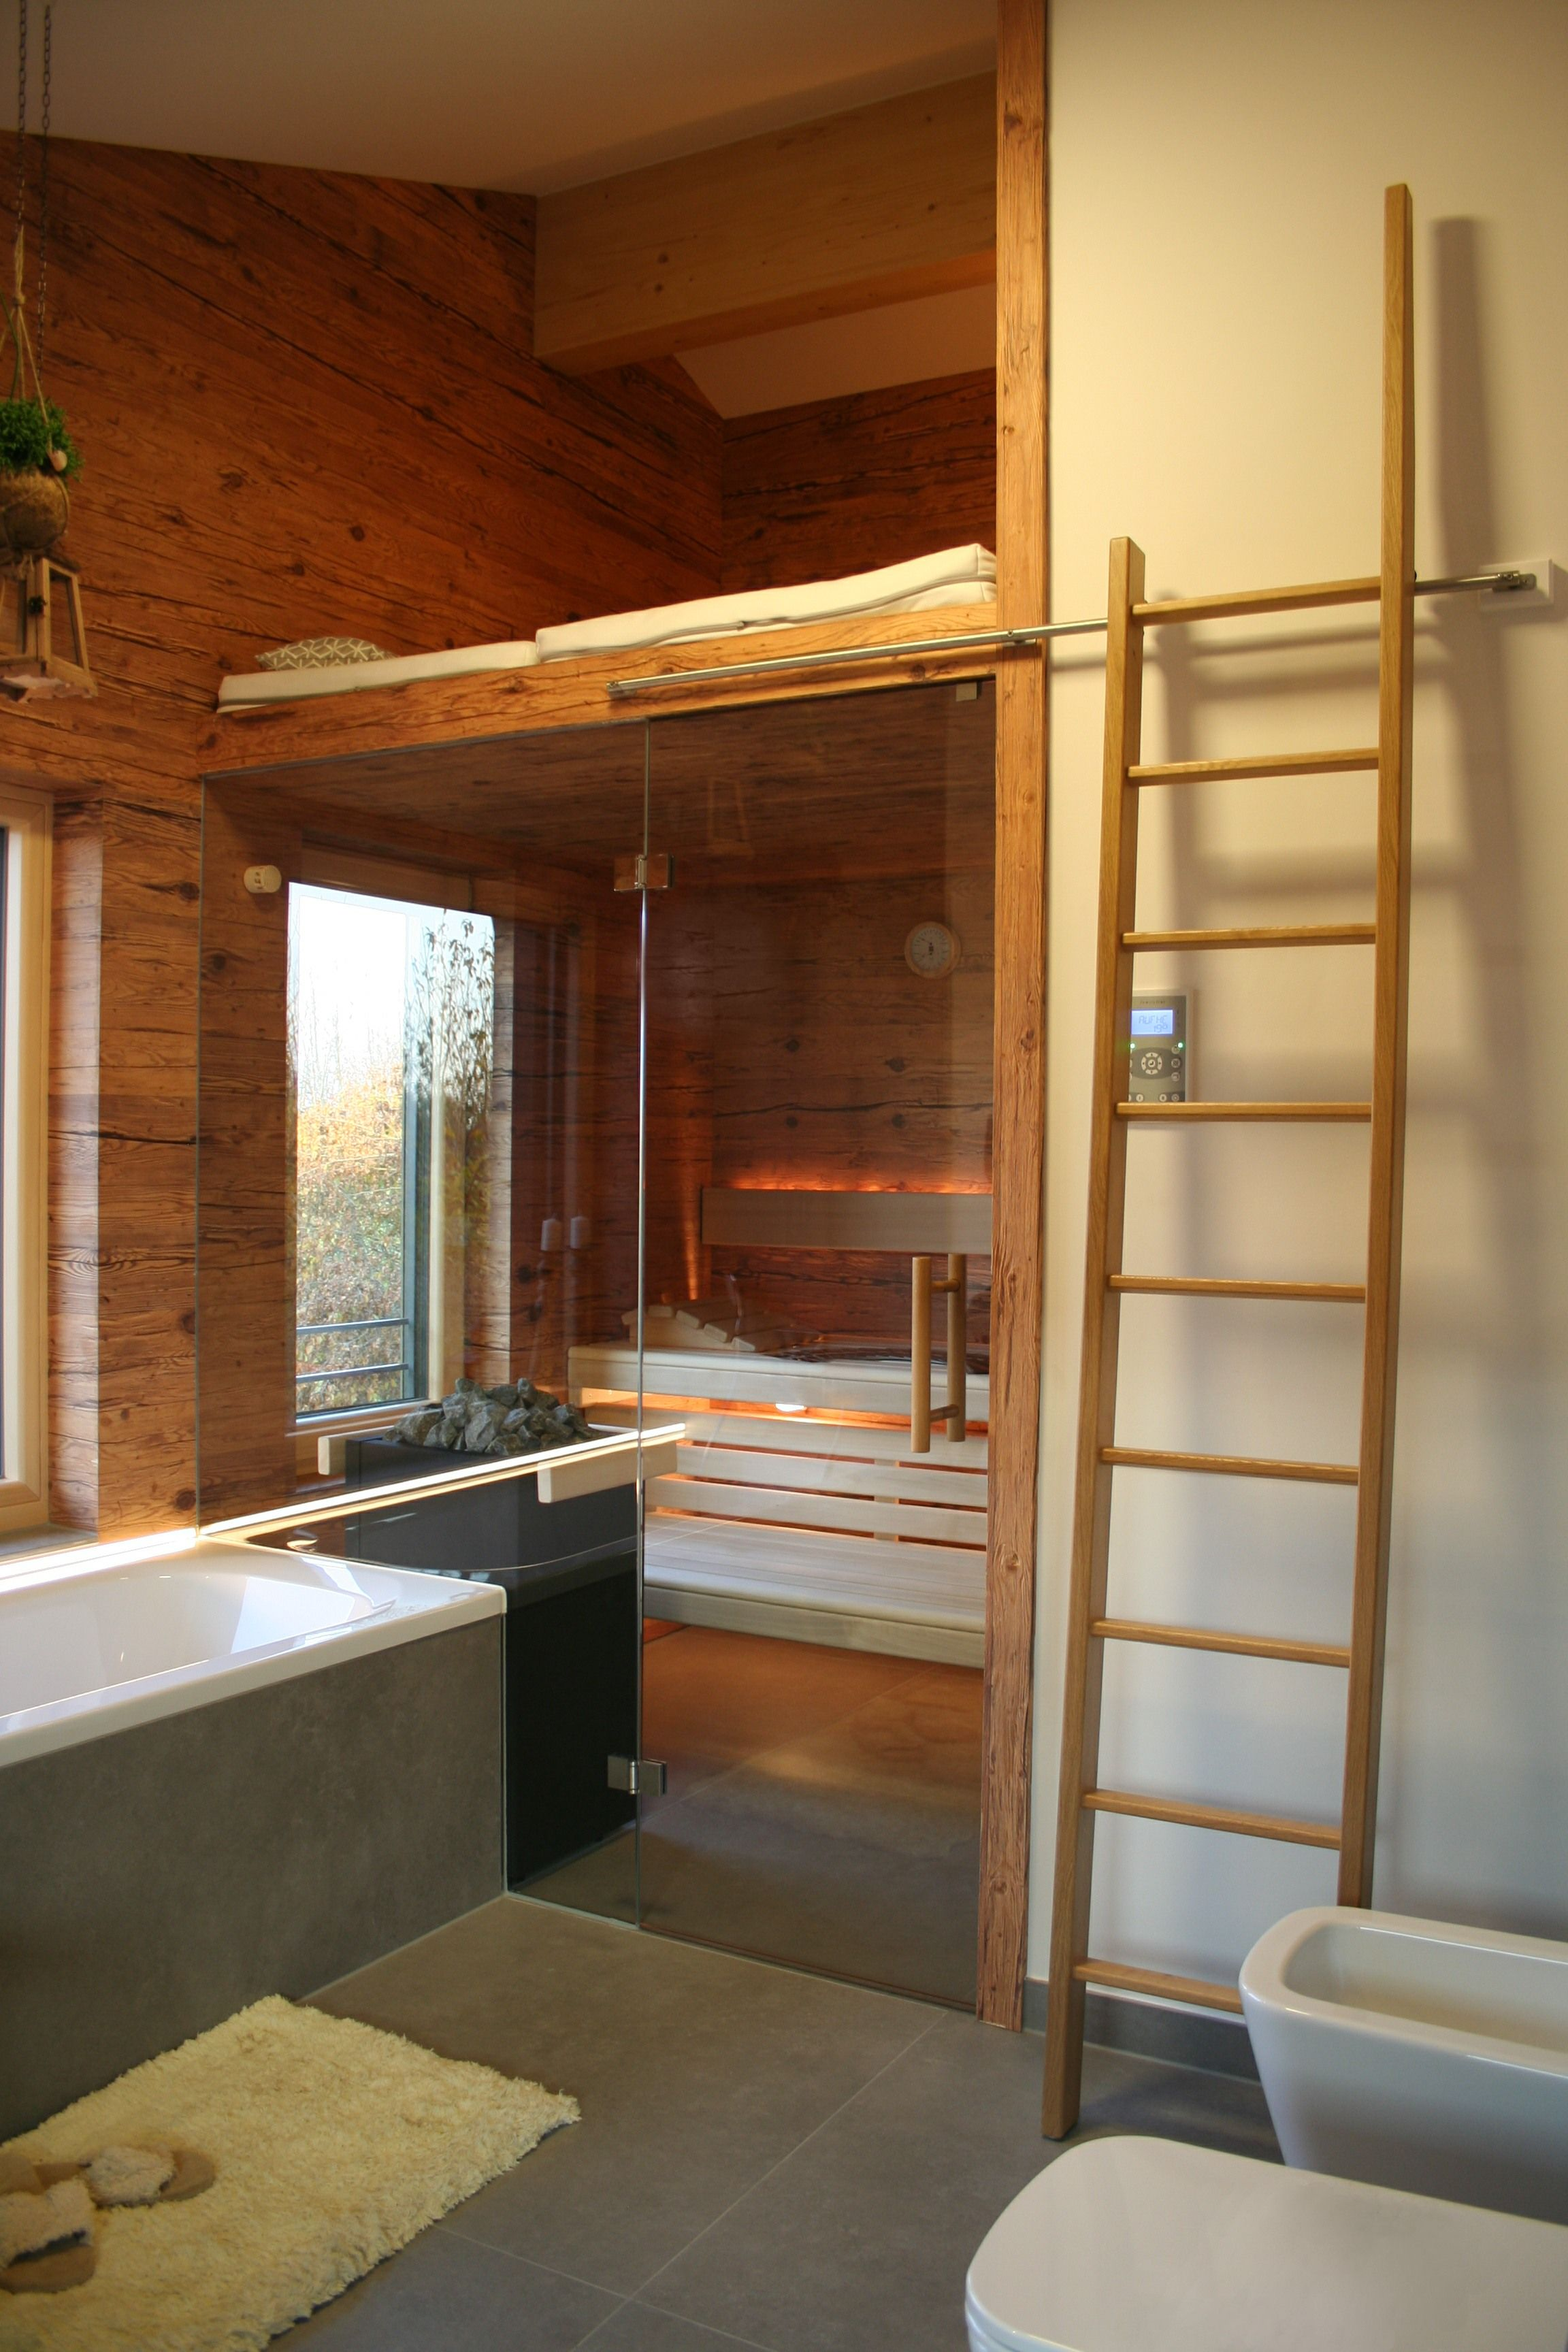 Sauna mit Altholz  Sauna in 2019  Badezimmer mit sauna Sauna Ideen und Altholz sauna